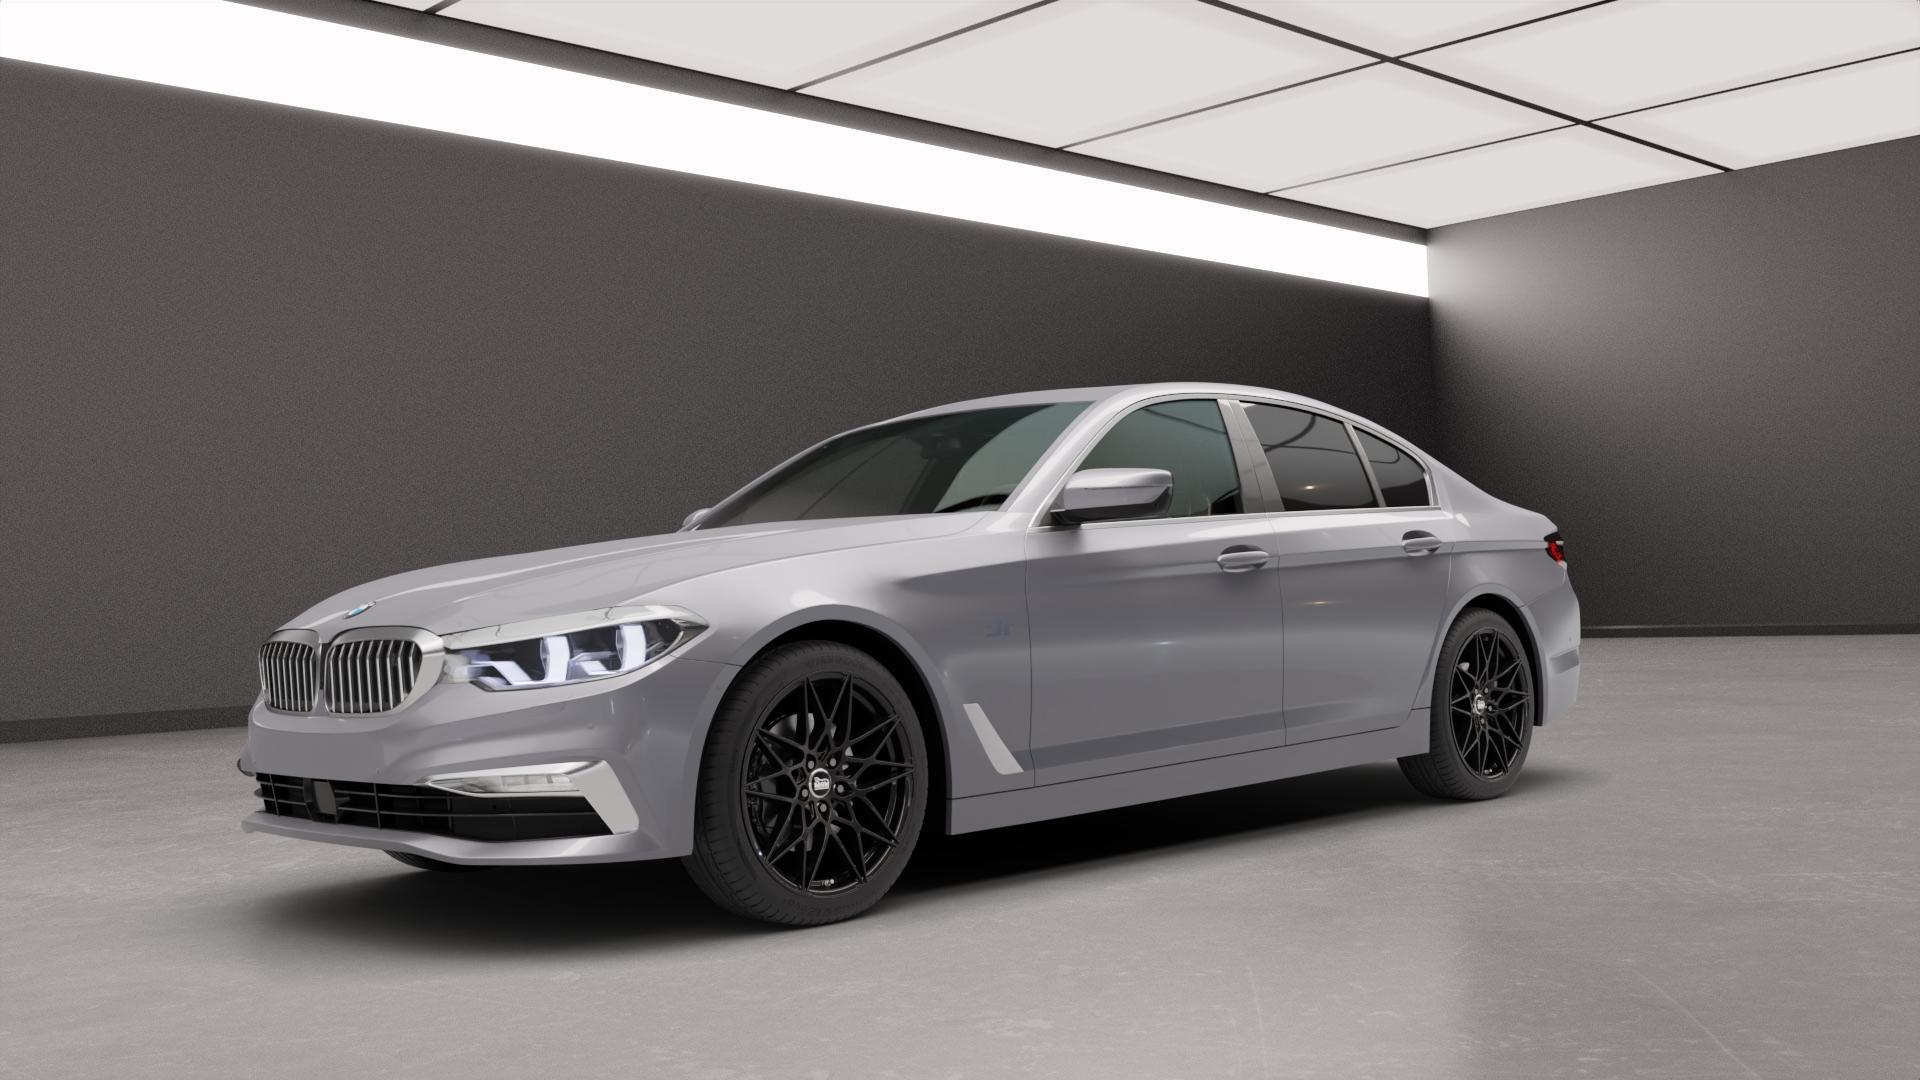 MAM B2 BLACK PAINTED Felge mit Reifen schwarz in 19Zoll Winterfelge Alufelge auf silbernem BMW 5er G30 Limousine (G5L) ⬇️ mit 15mm Tieferlegung ⬇️ Neutral_mid_max5300mm Frontansicht_1